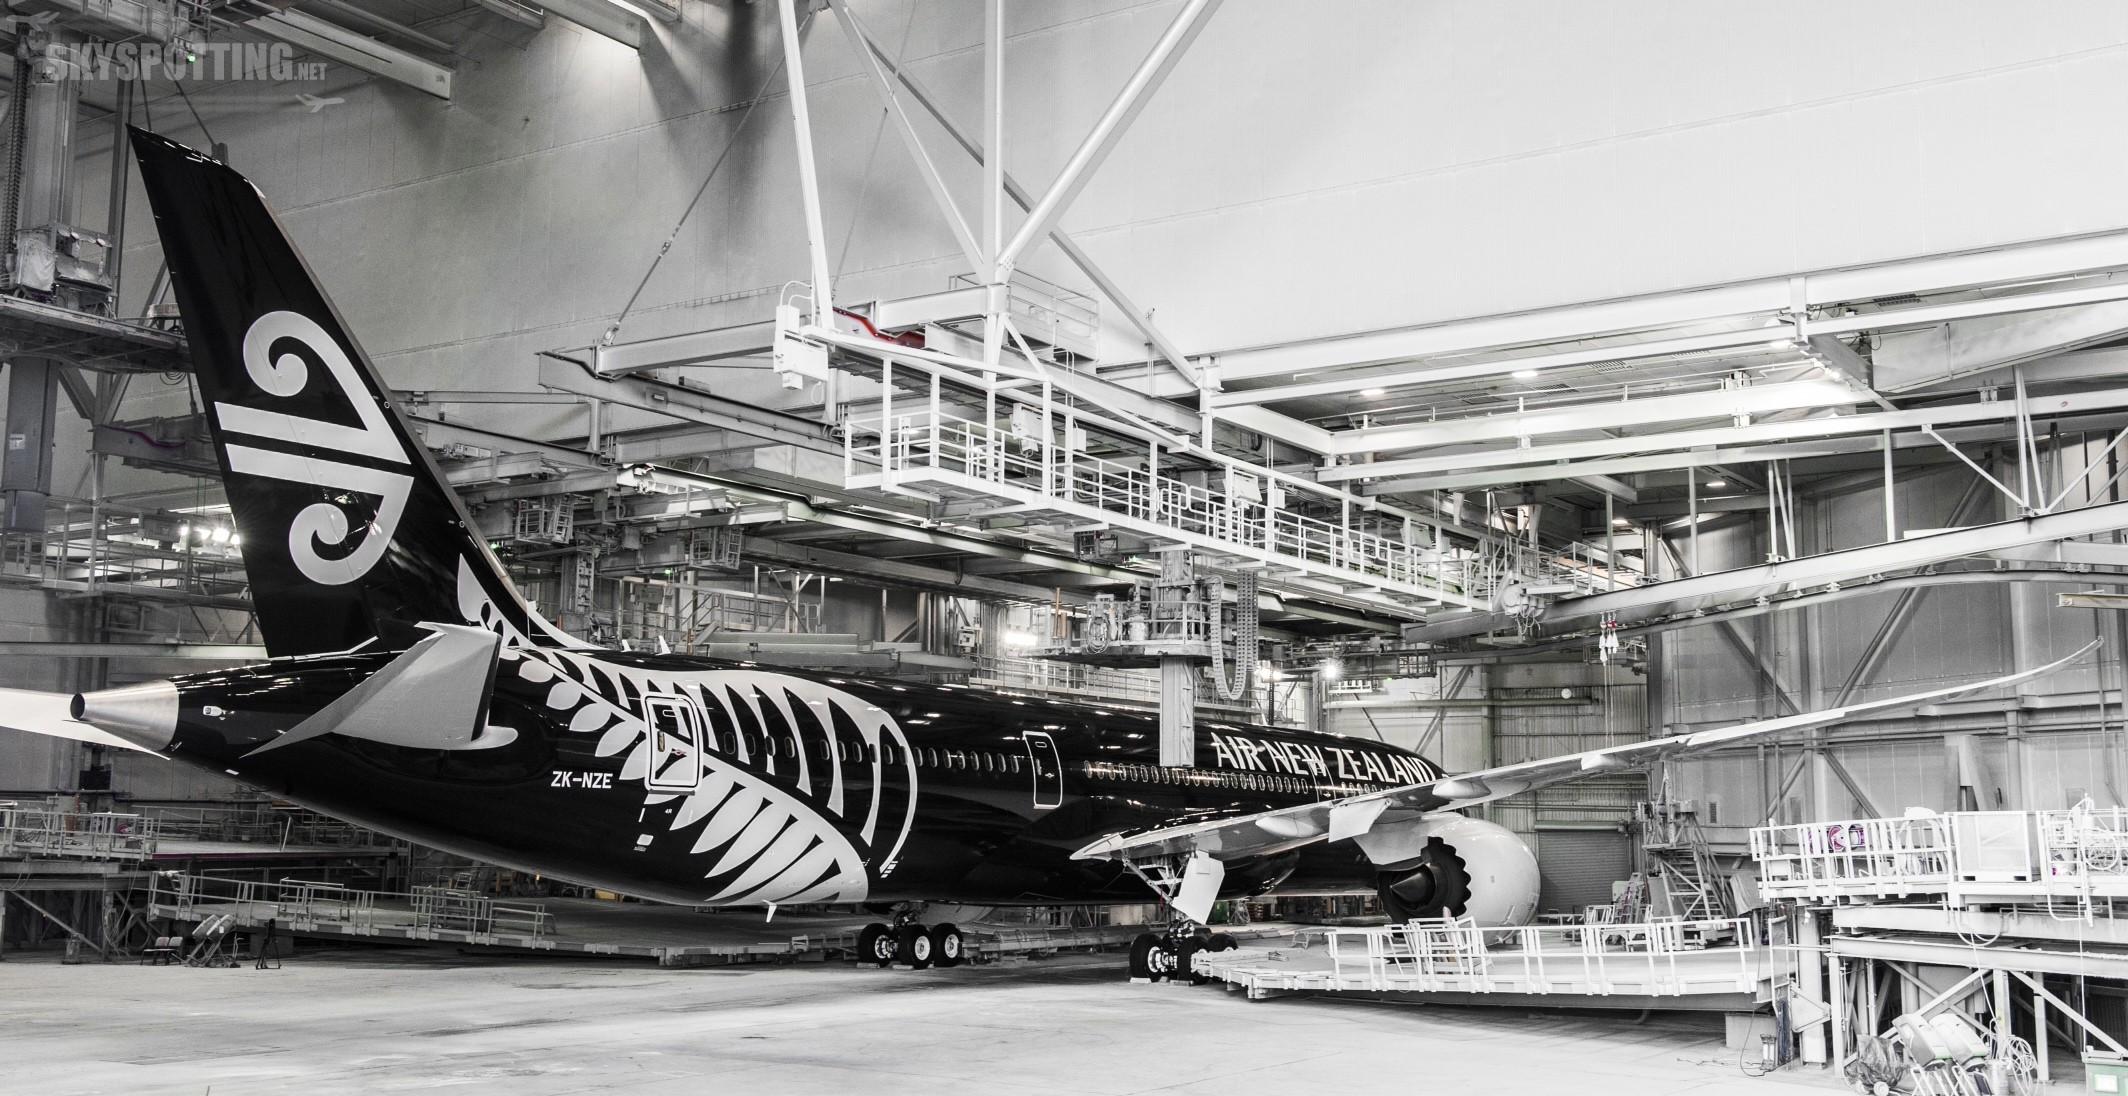 Boeing i linie Air New Zealand prezentują 787-9 w nowych barwach przewoźnika